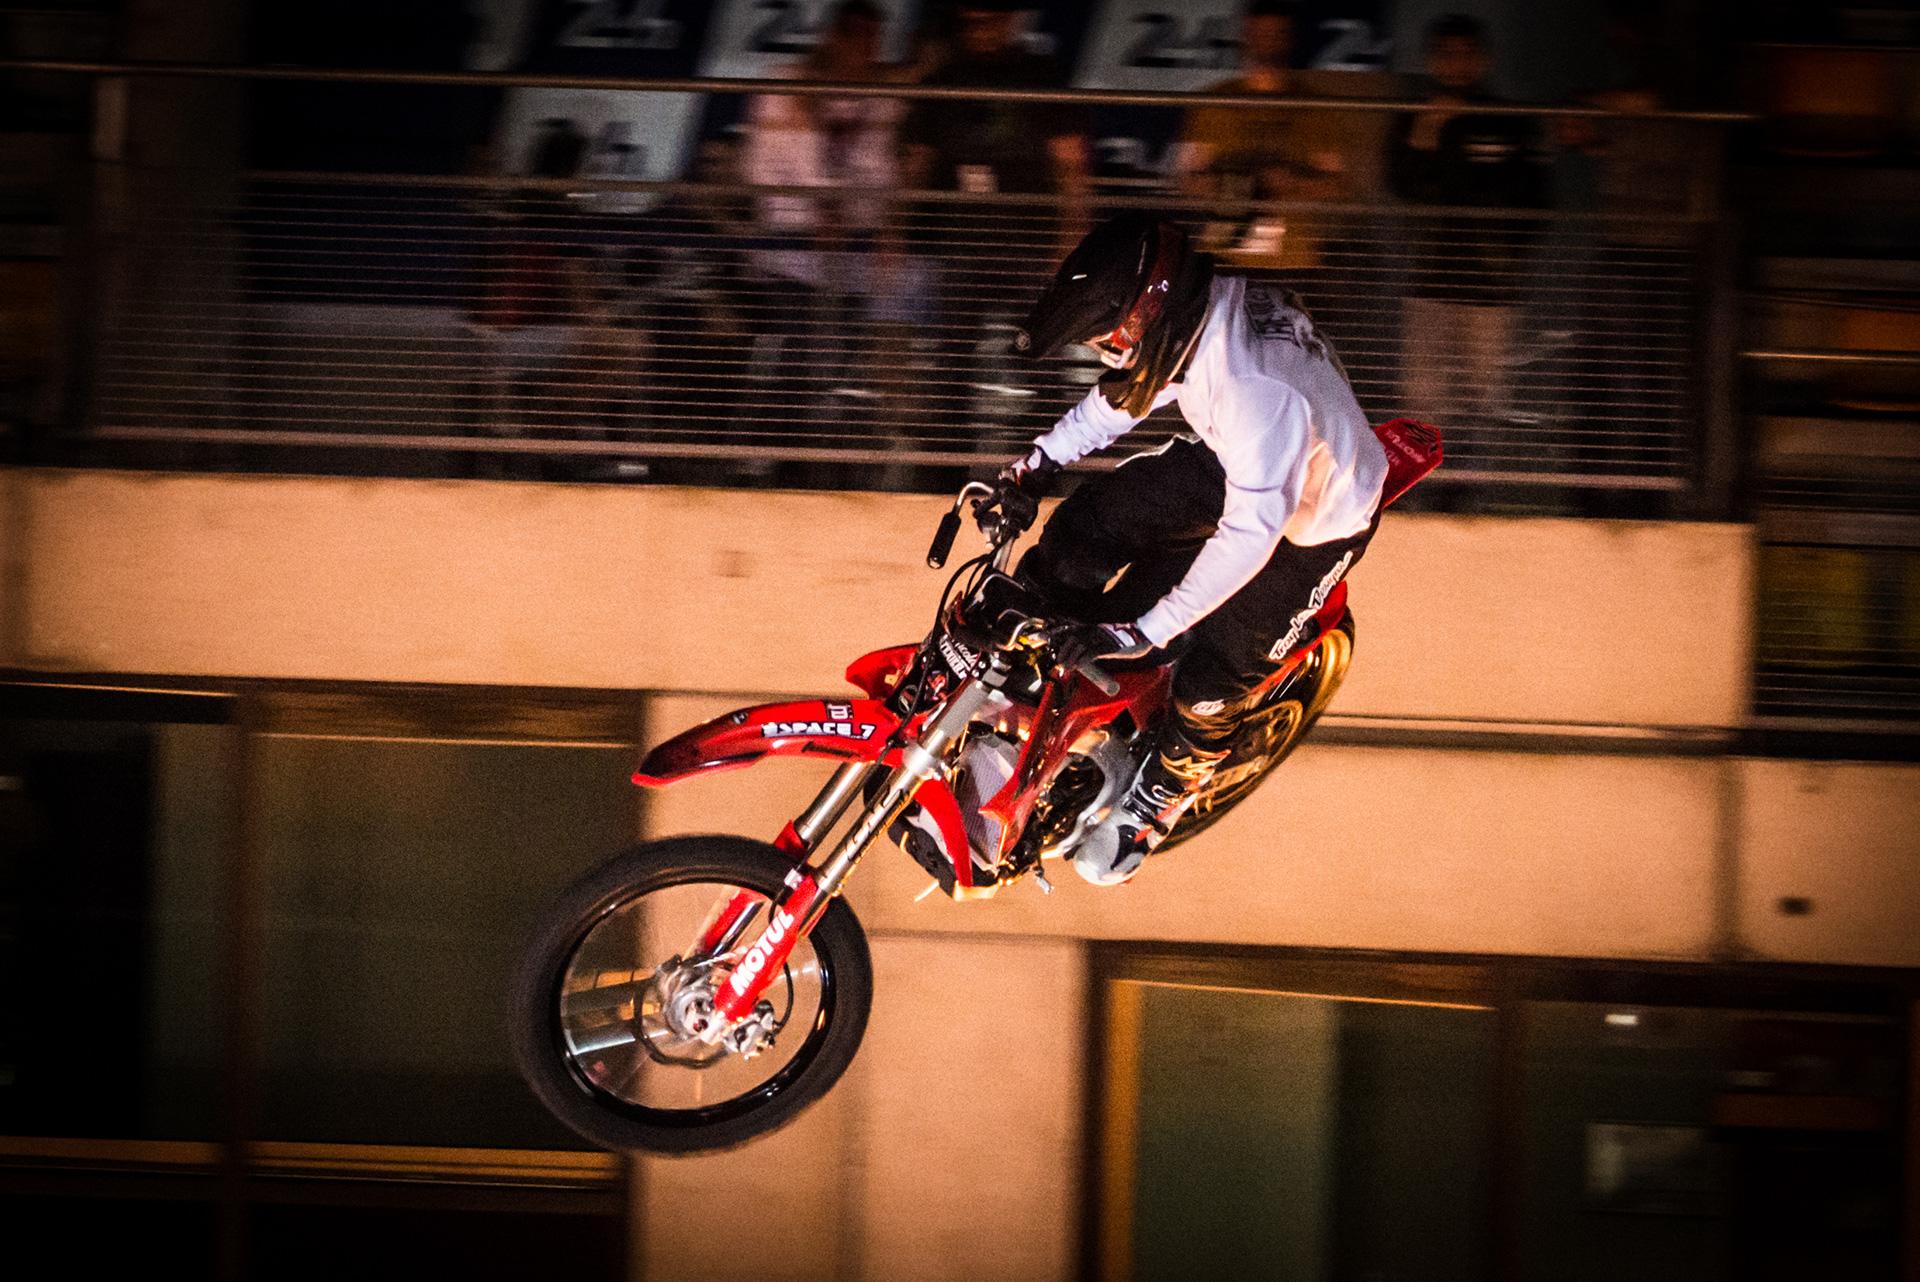 le whip au Show mécanique motos 2019 - 24H du Mans